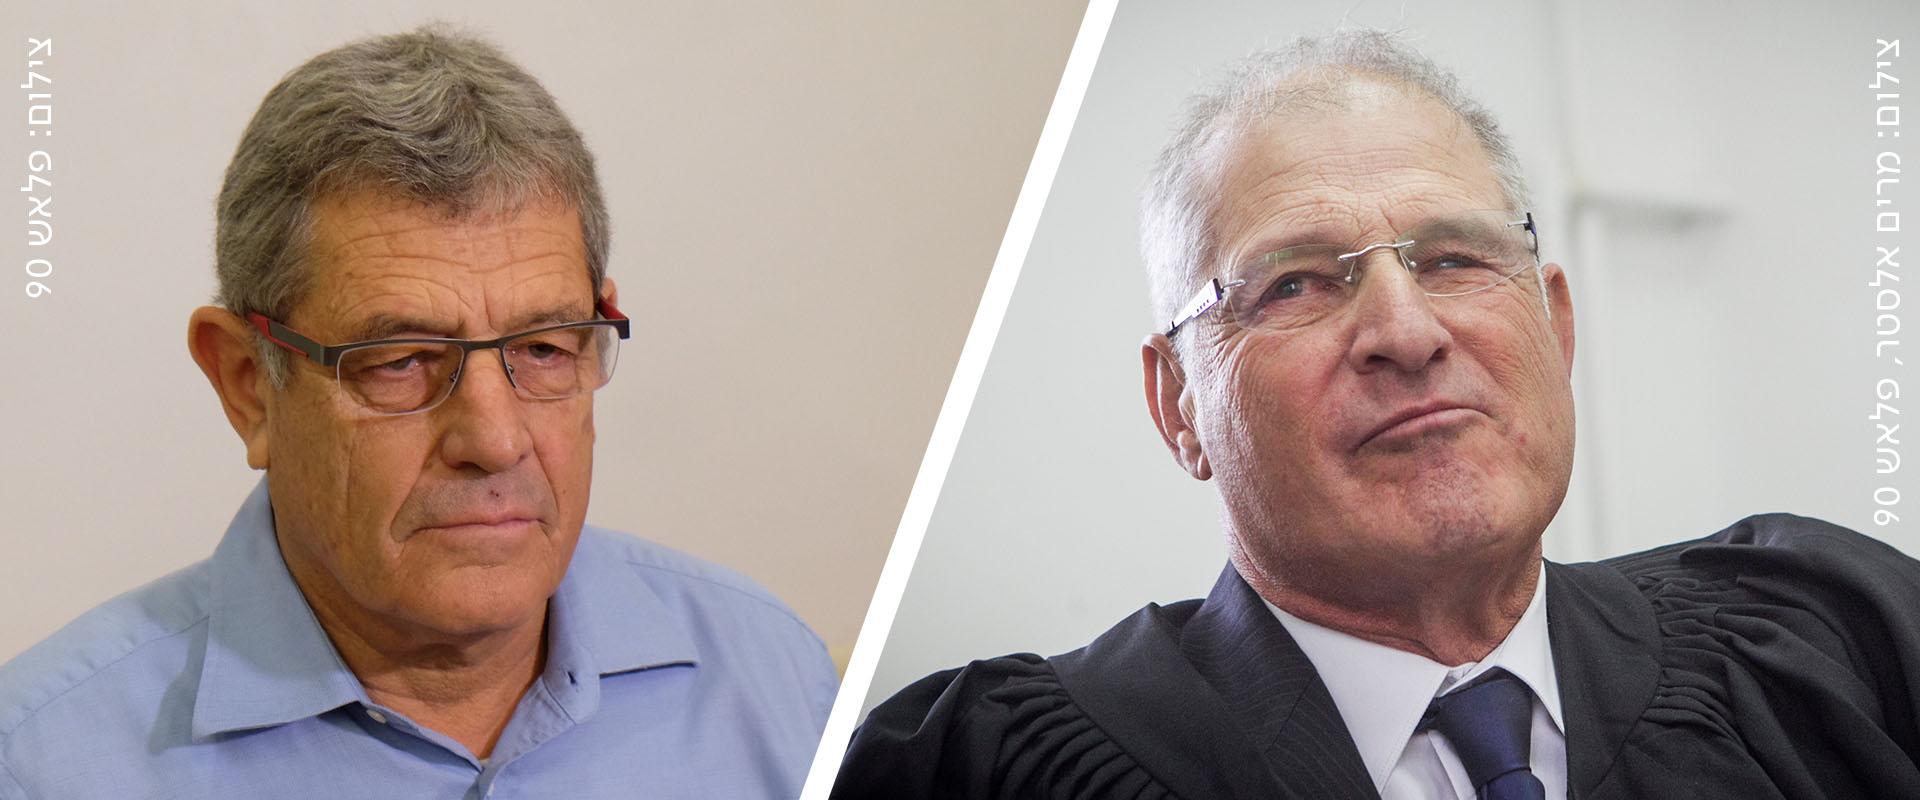 עורך הדין דוד שמרון